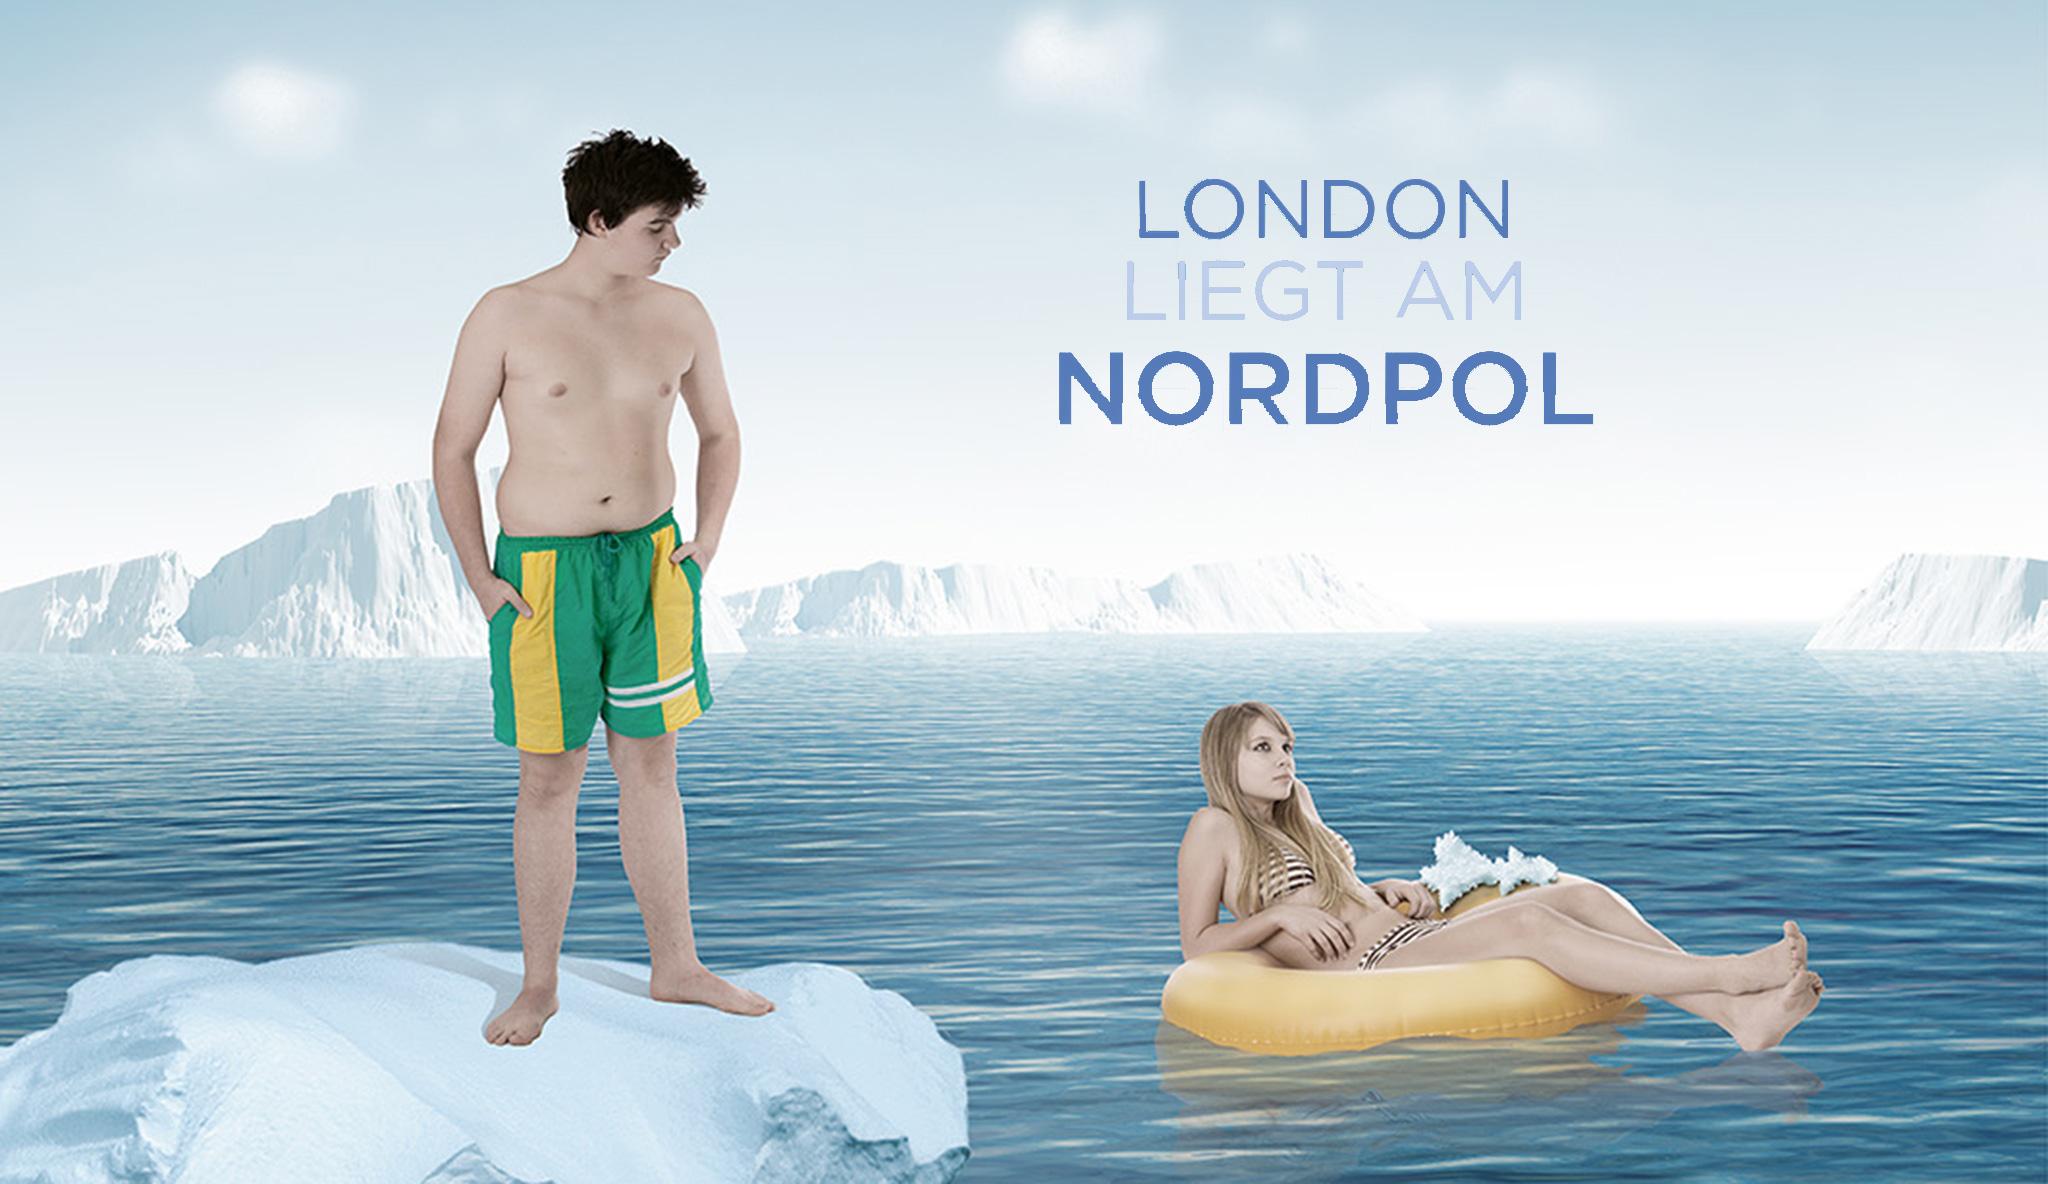 london-liegt-am-nordpol\header.jpg